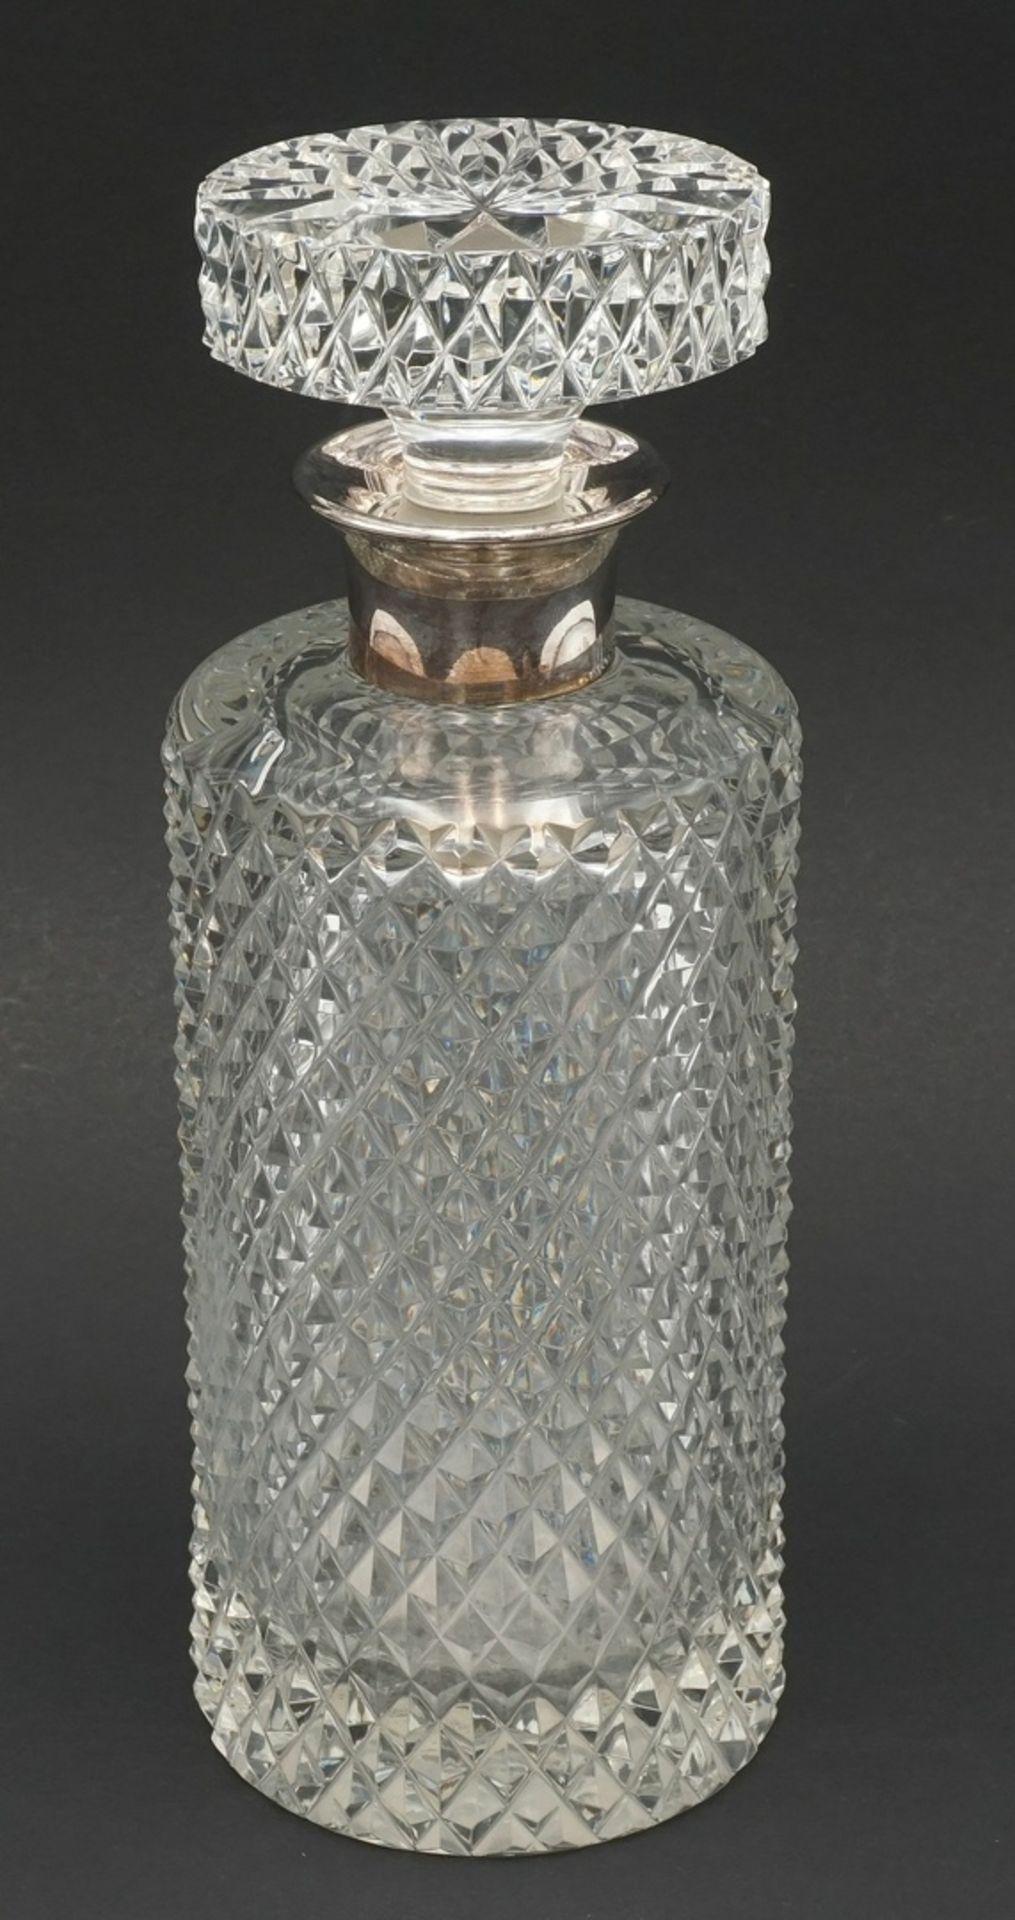 Whiskey-Karaffe mit Silber-Ausguss, 2. Hälfte 20. Jh.